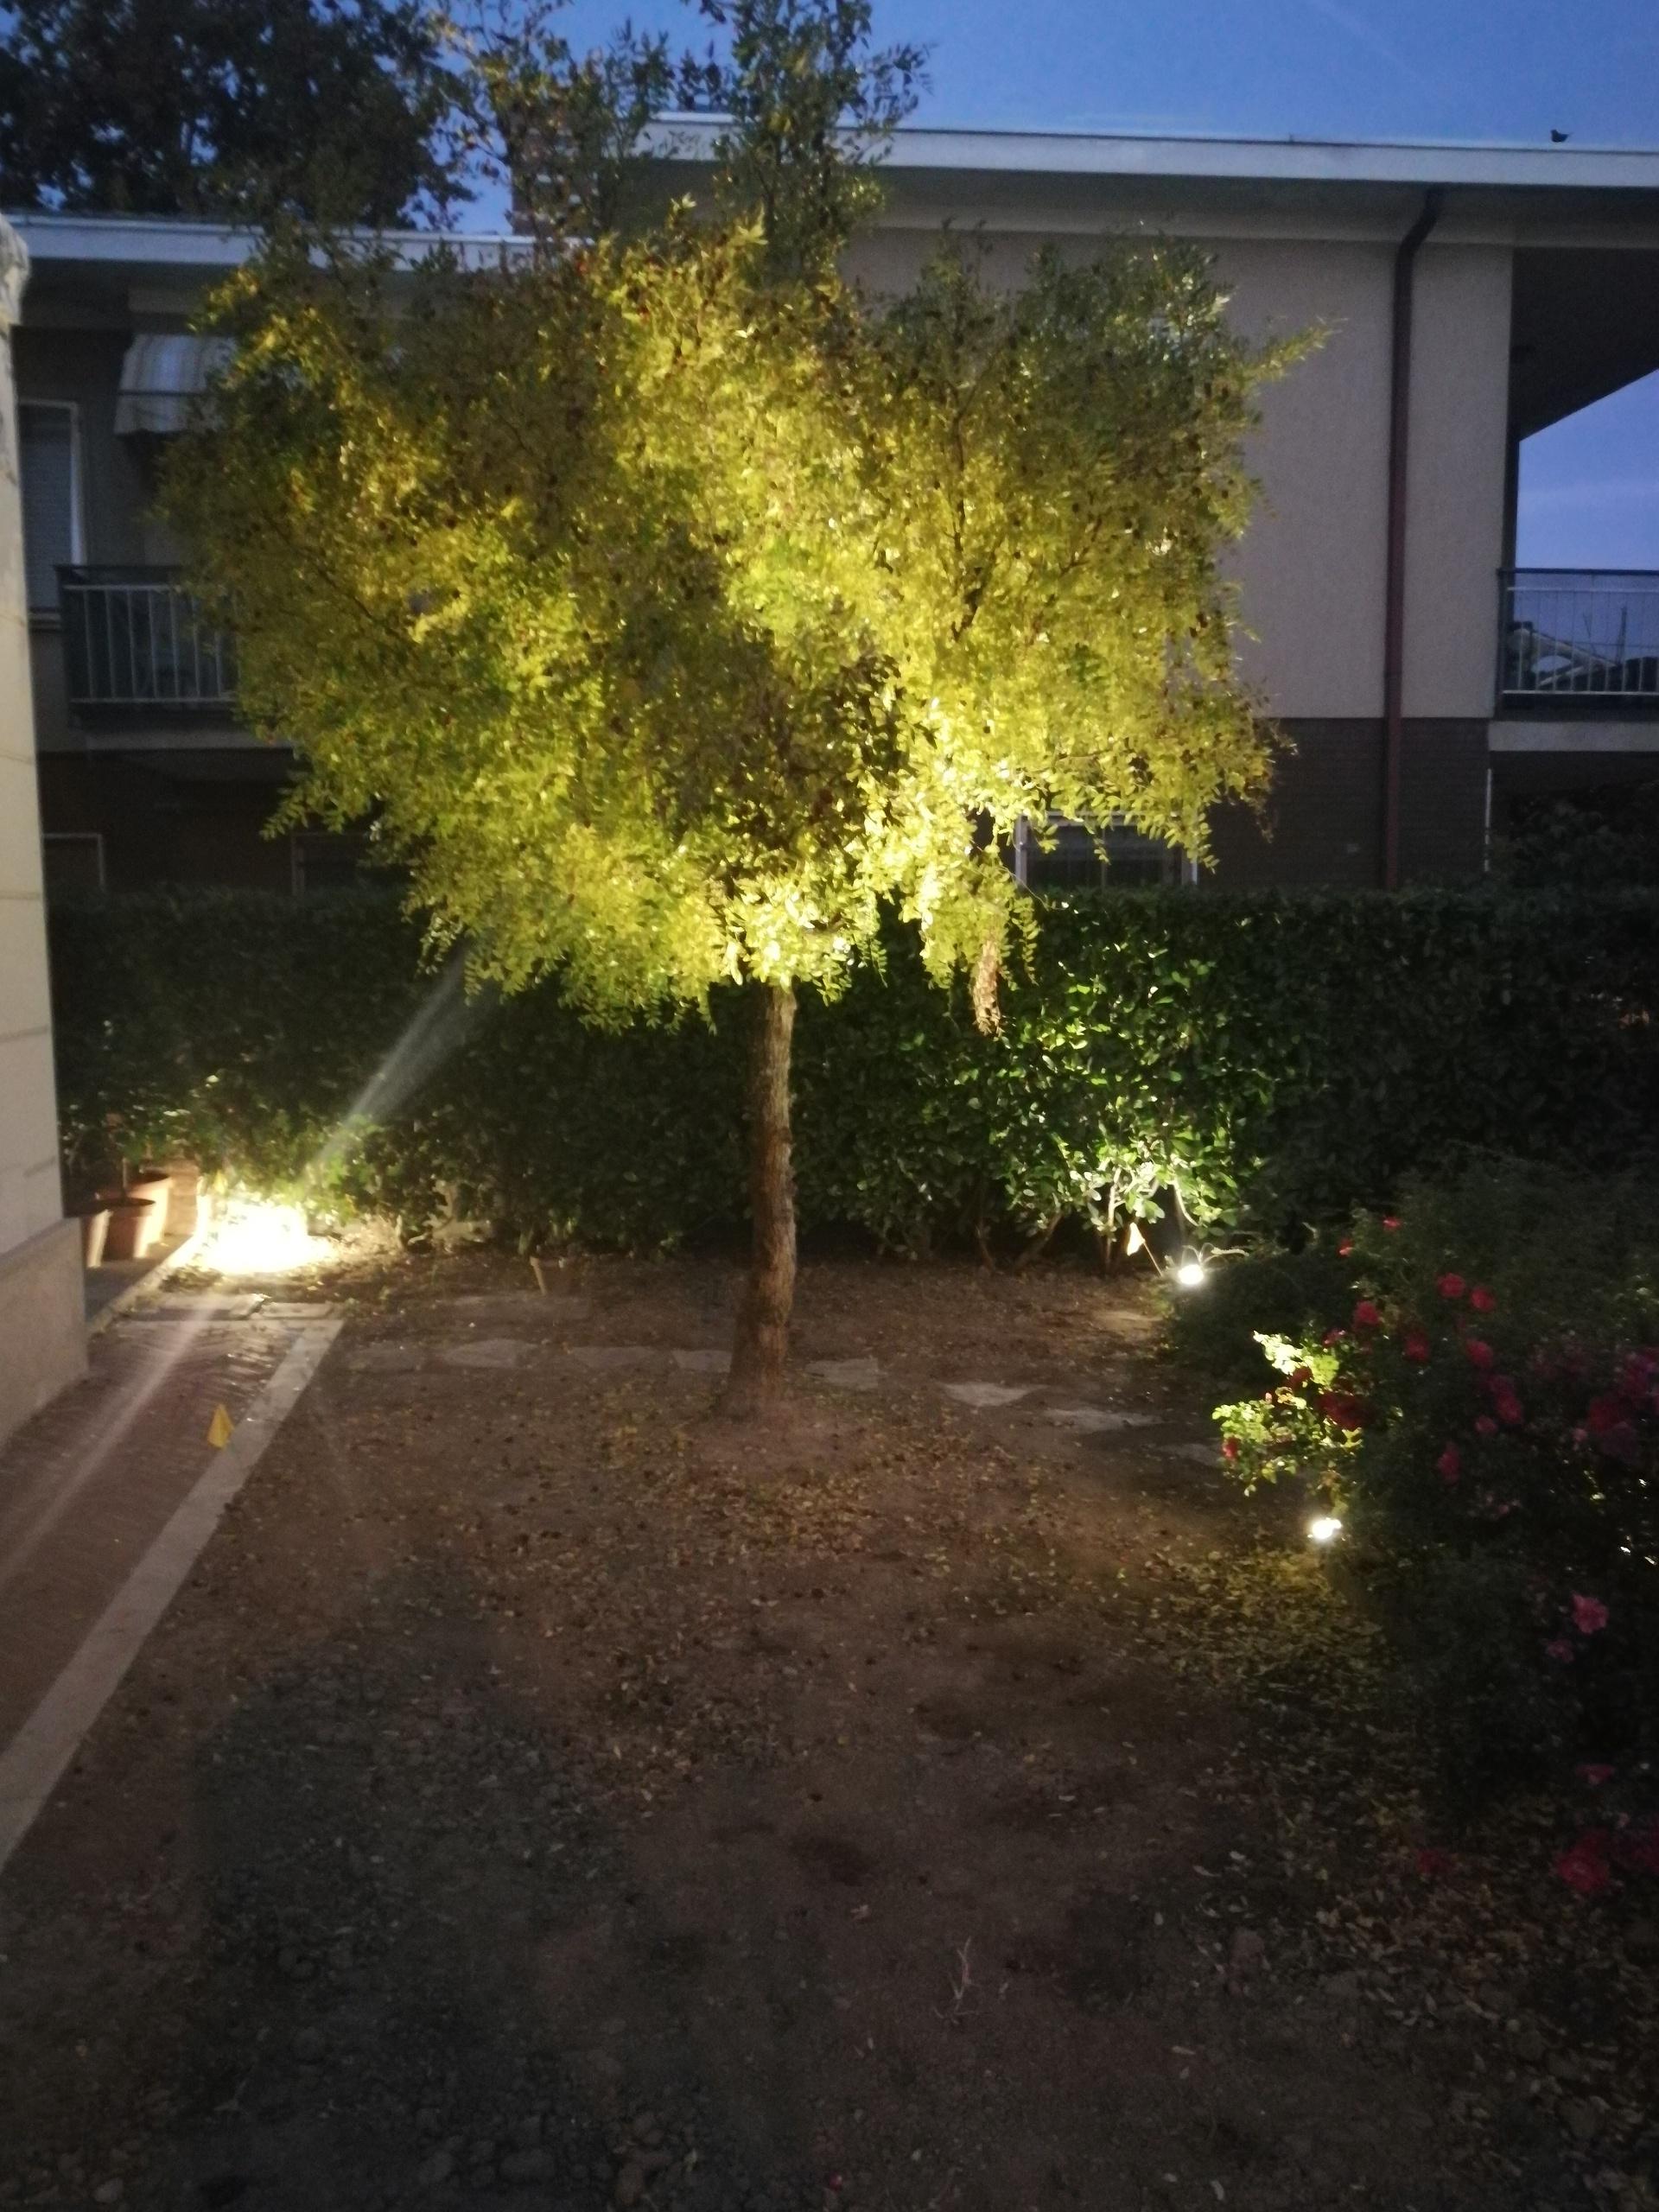 Terra Buona Per Giardino illuminazione per alberi da giardino: consigli ed idee